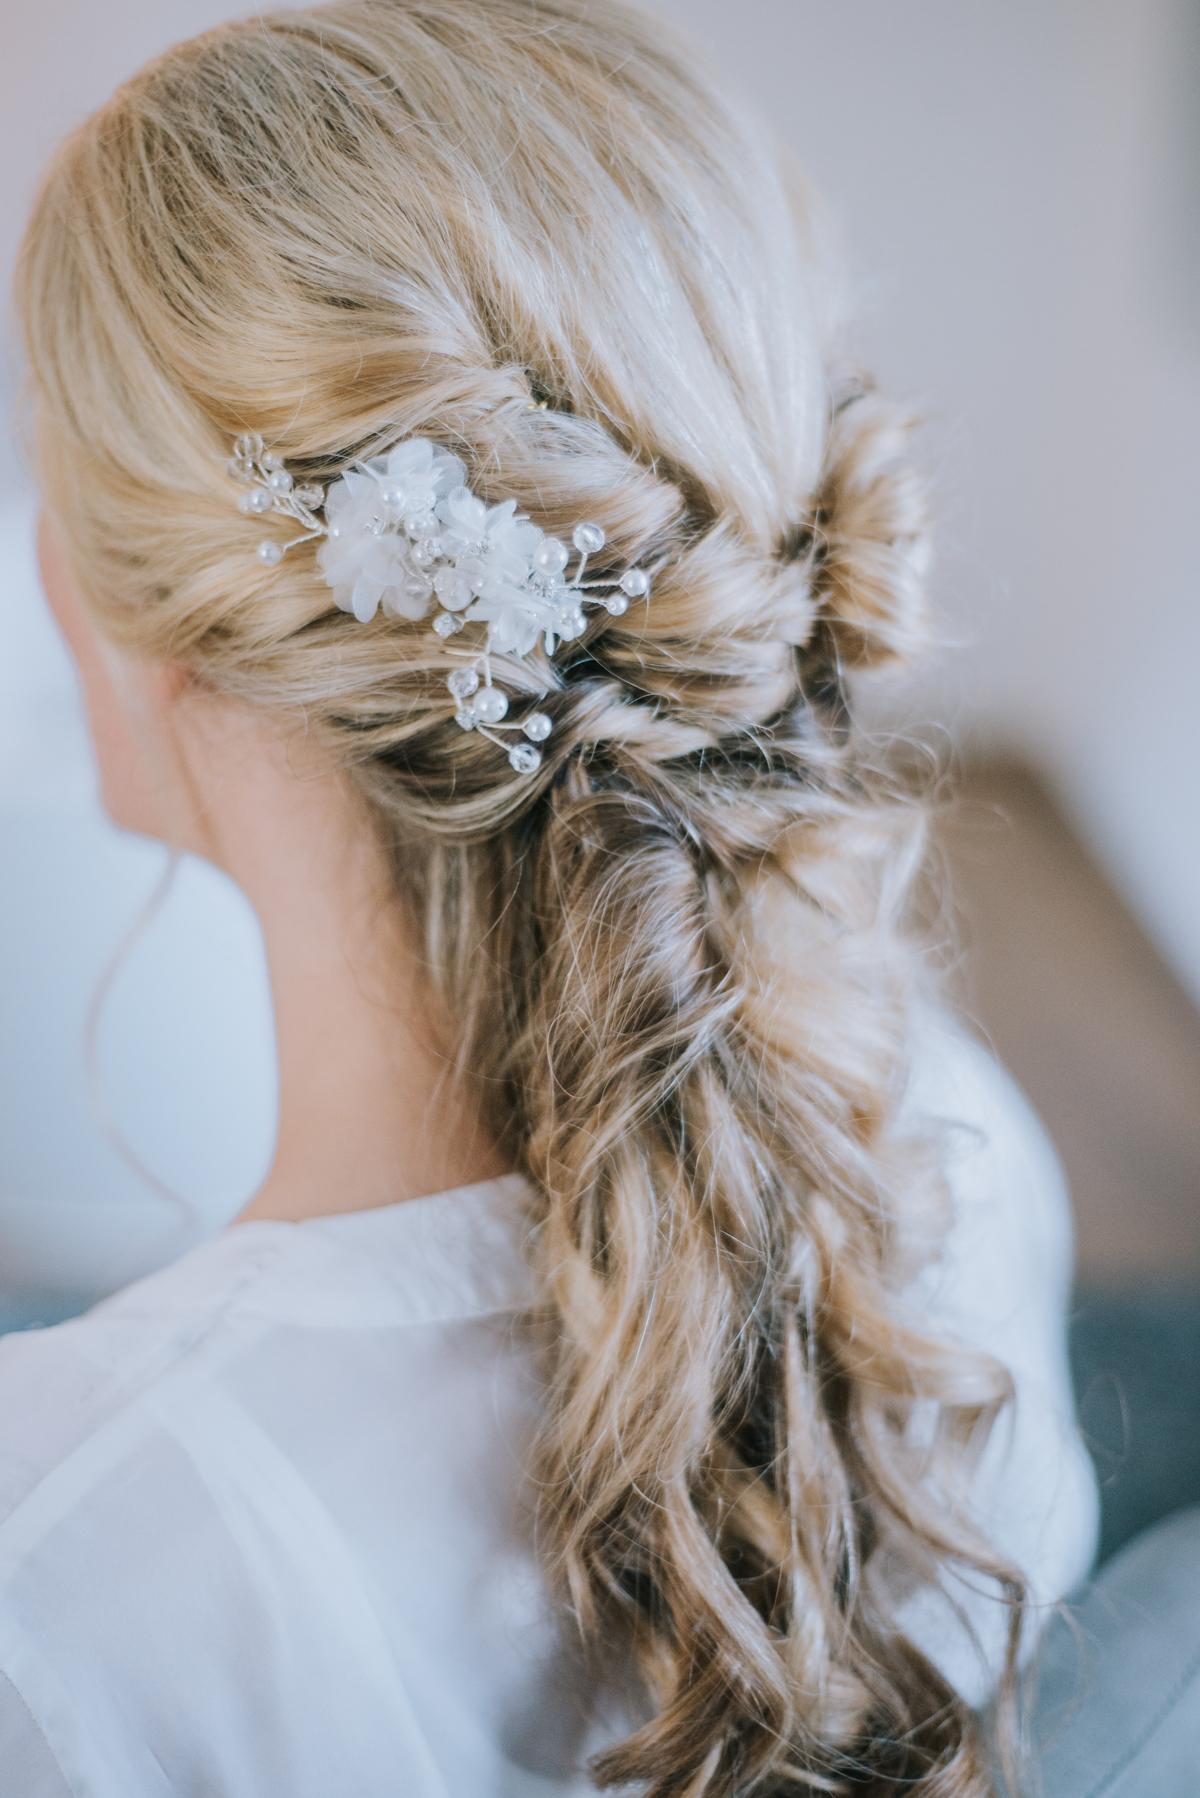 Frisur Hochzeit hochgesteckt lange Haare